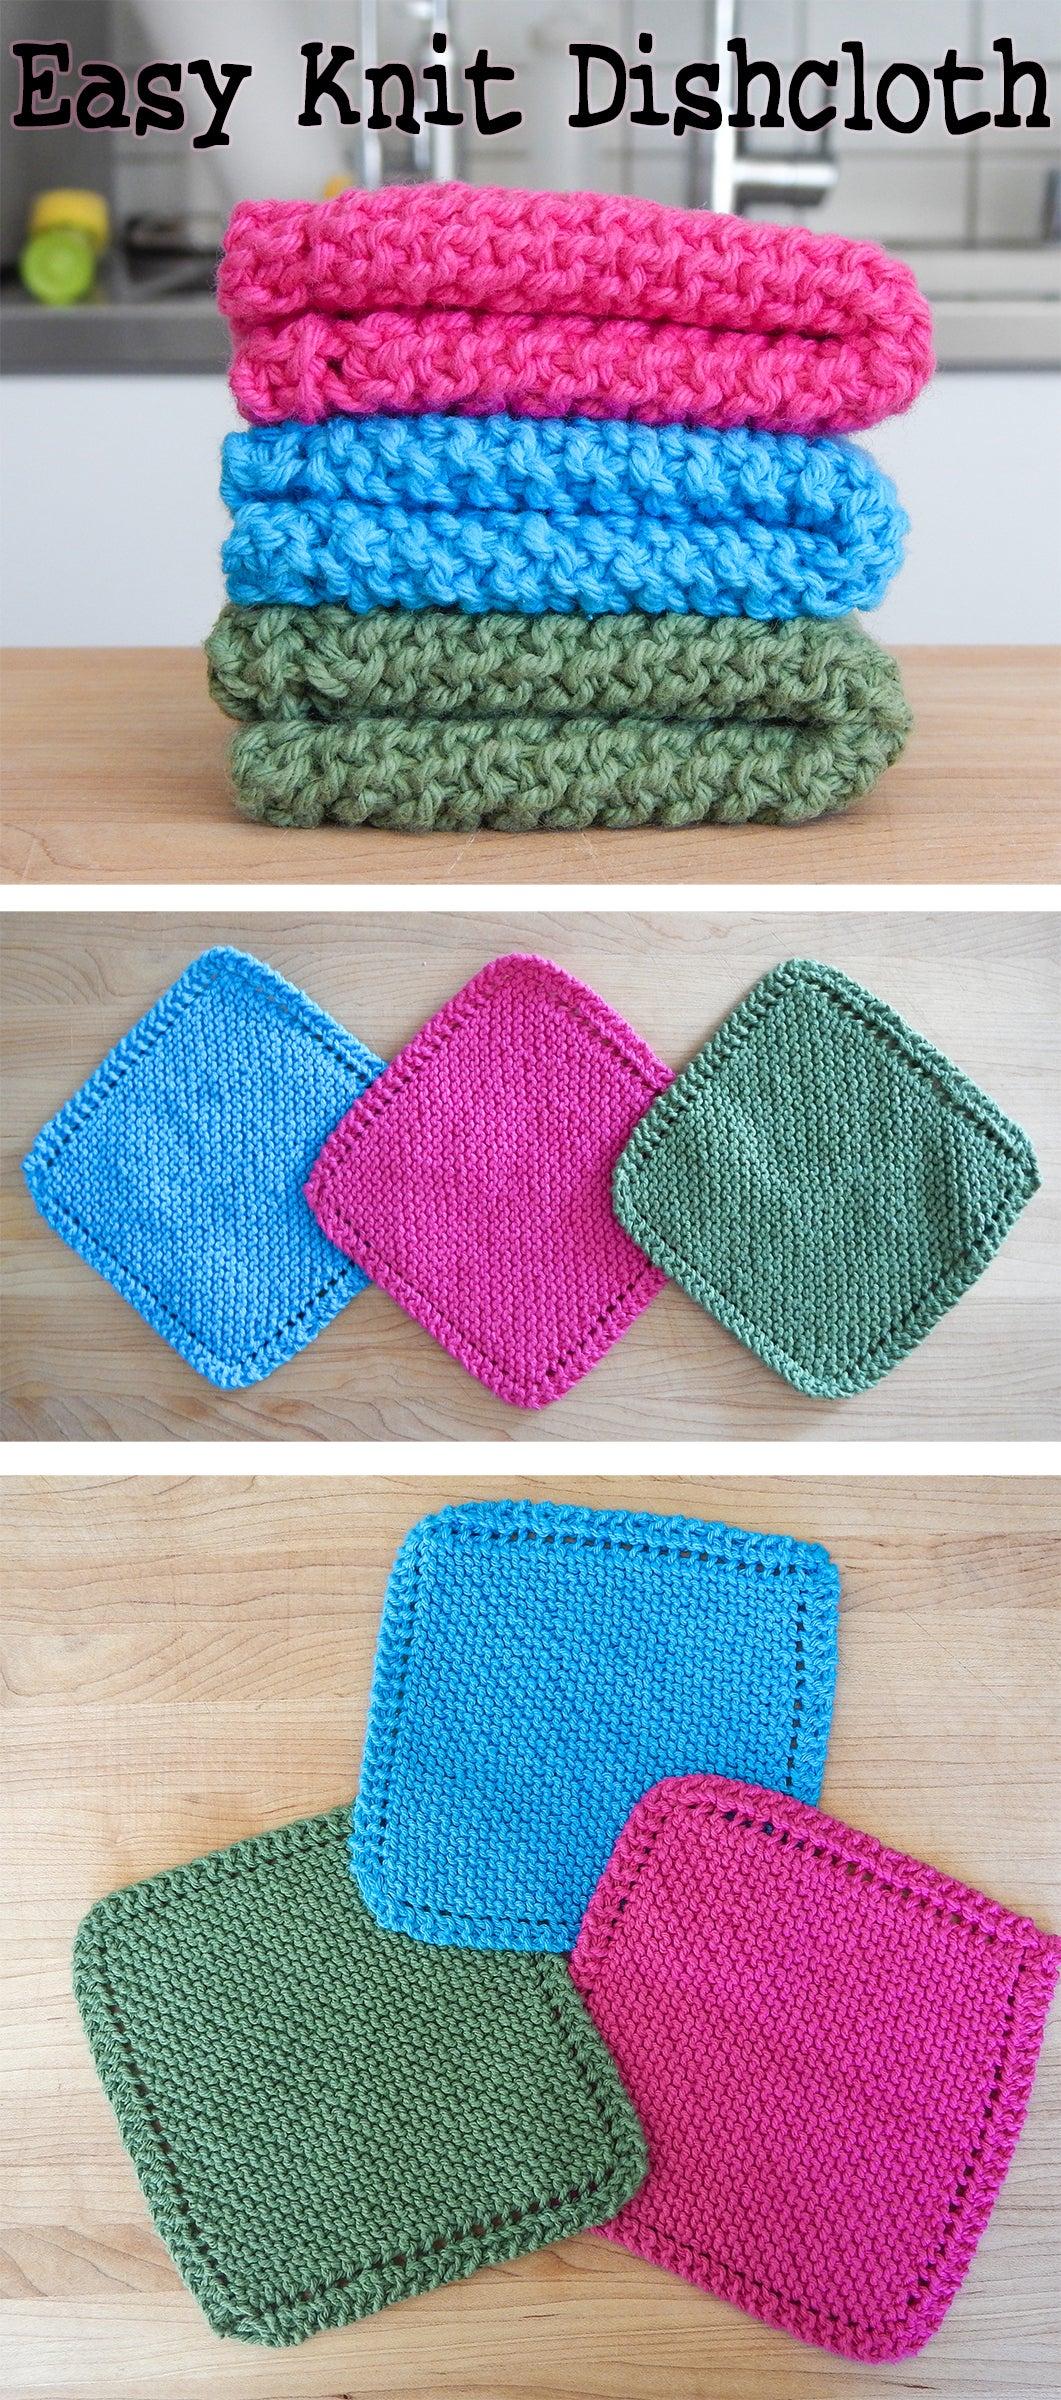 KNITTING PATTERN dishcloth  washcloth easy knitting pattern